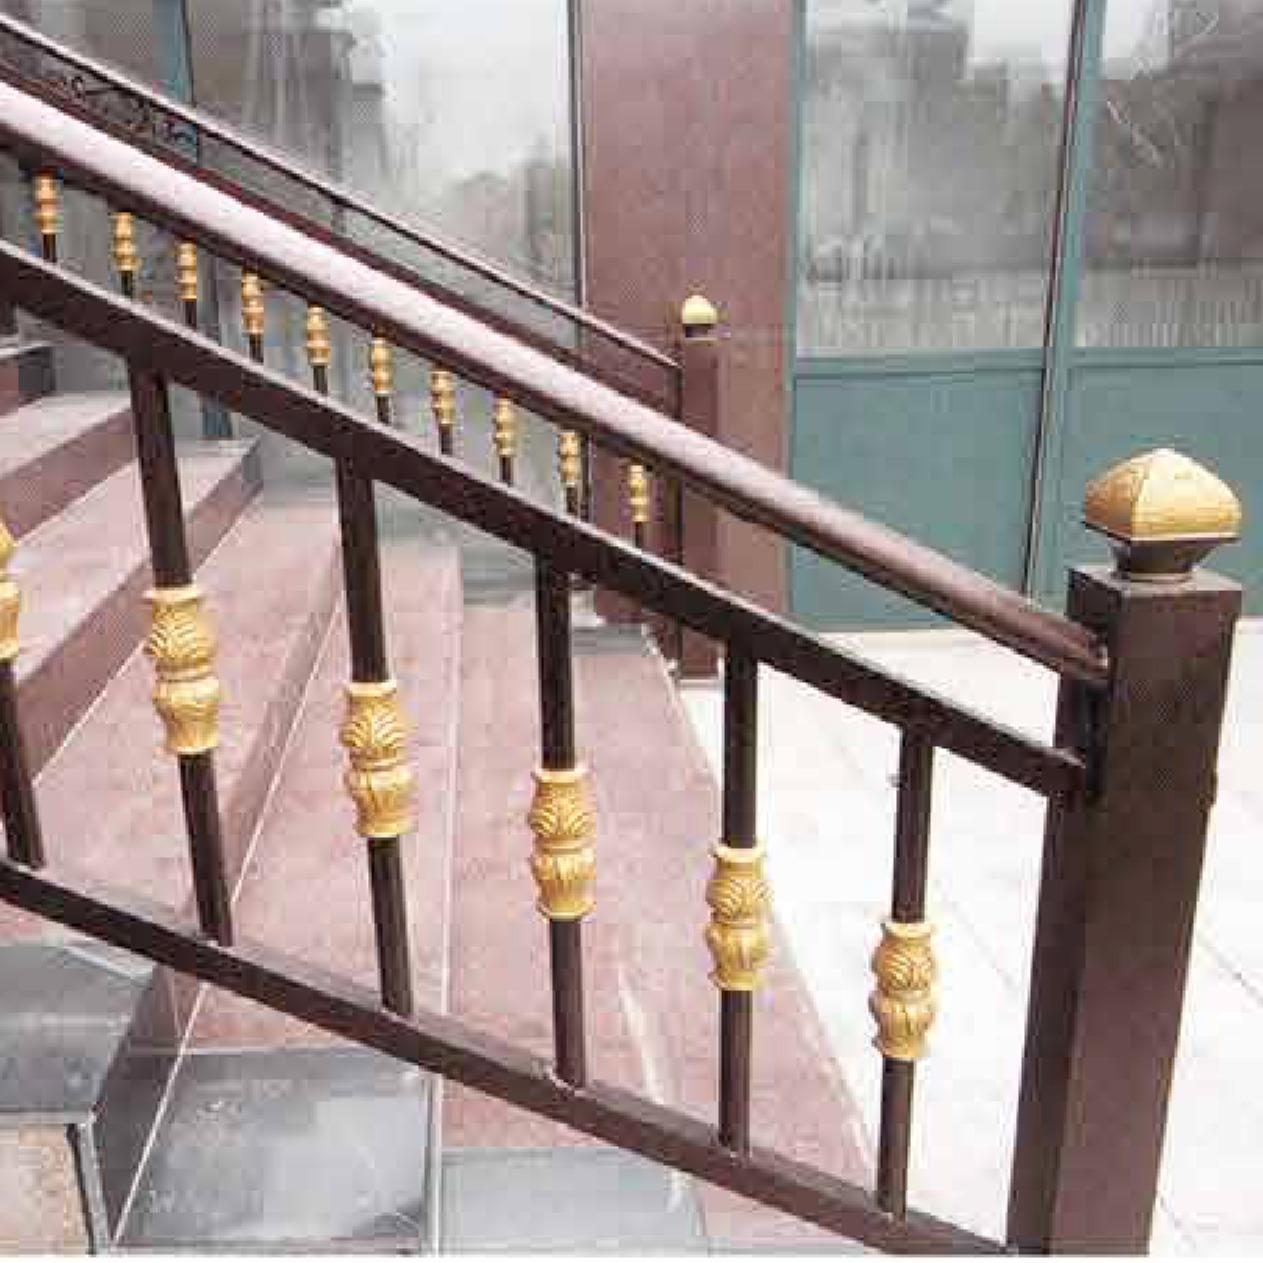 专业生产加工铝艺��息之地护栏,锌钢护栏,仿铜格栅,铁围栏